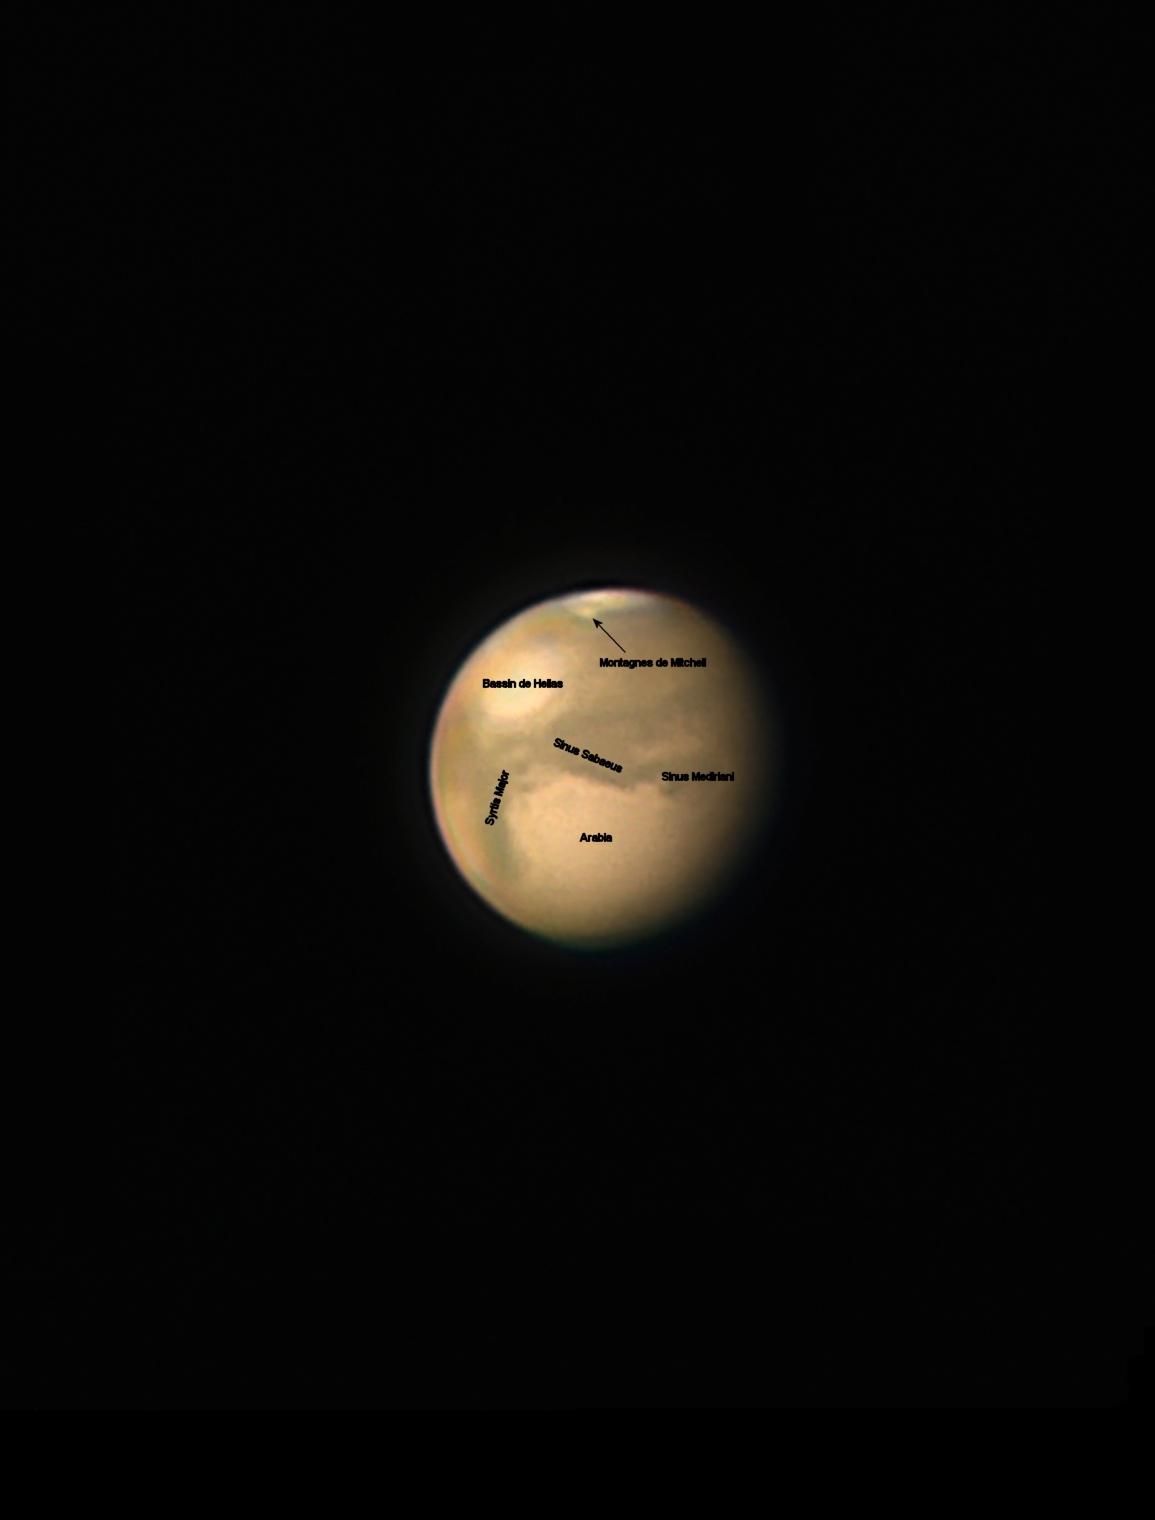 Mars envoi _légendée.jpg